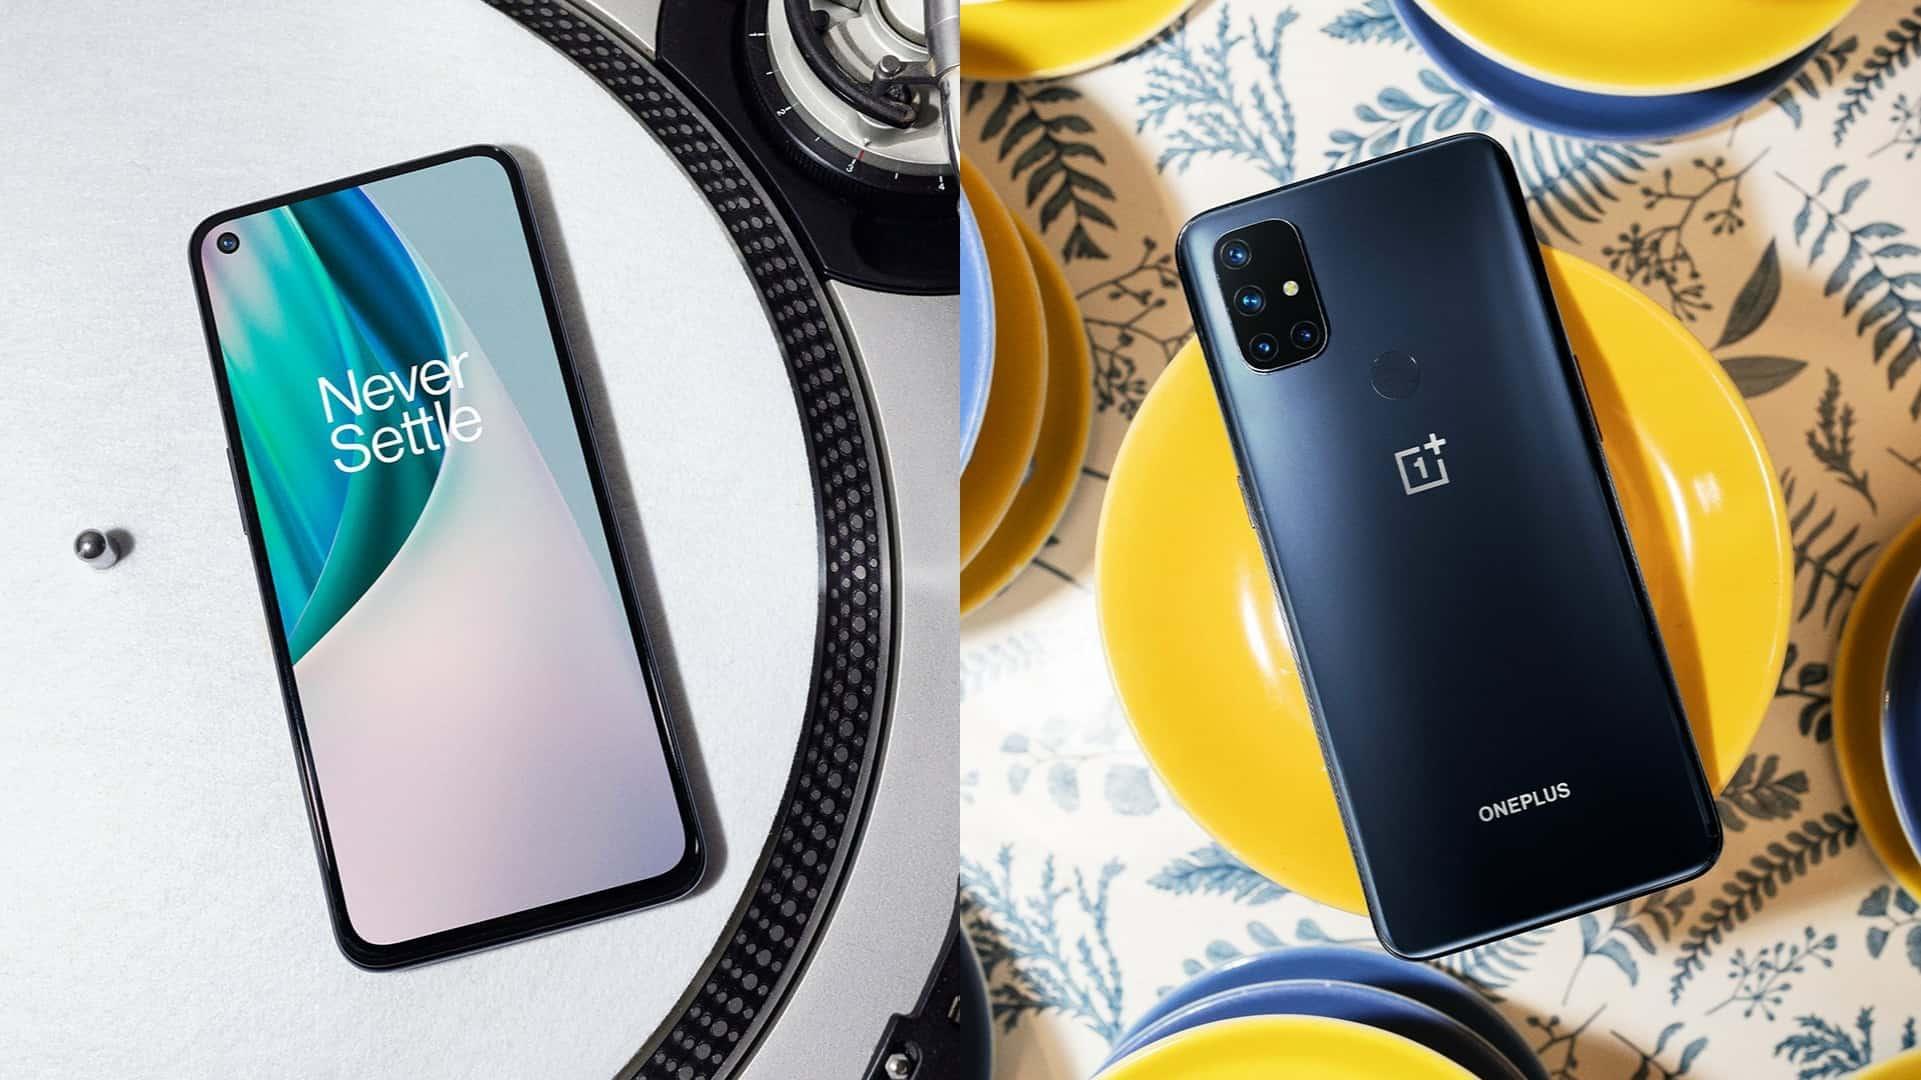 OnePlus Nord N10 5G miglior smartphone economico 5G